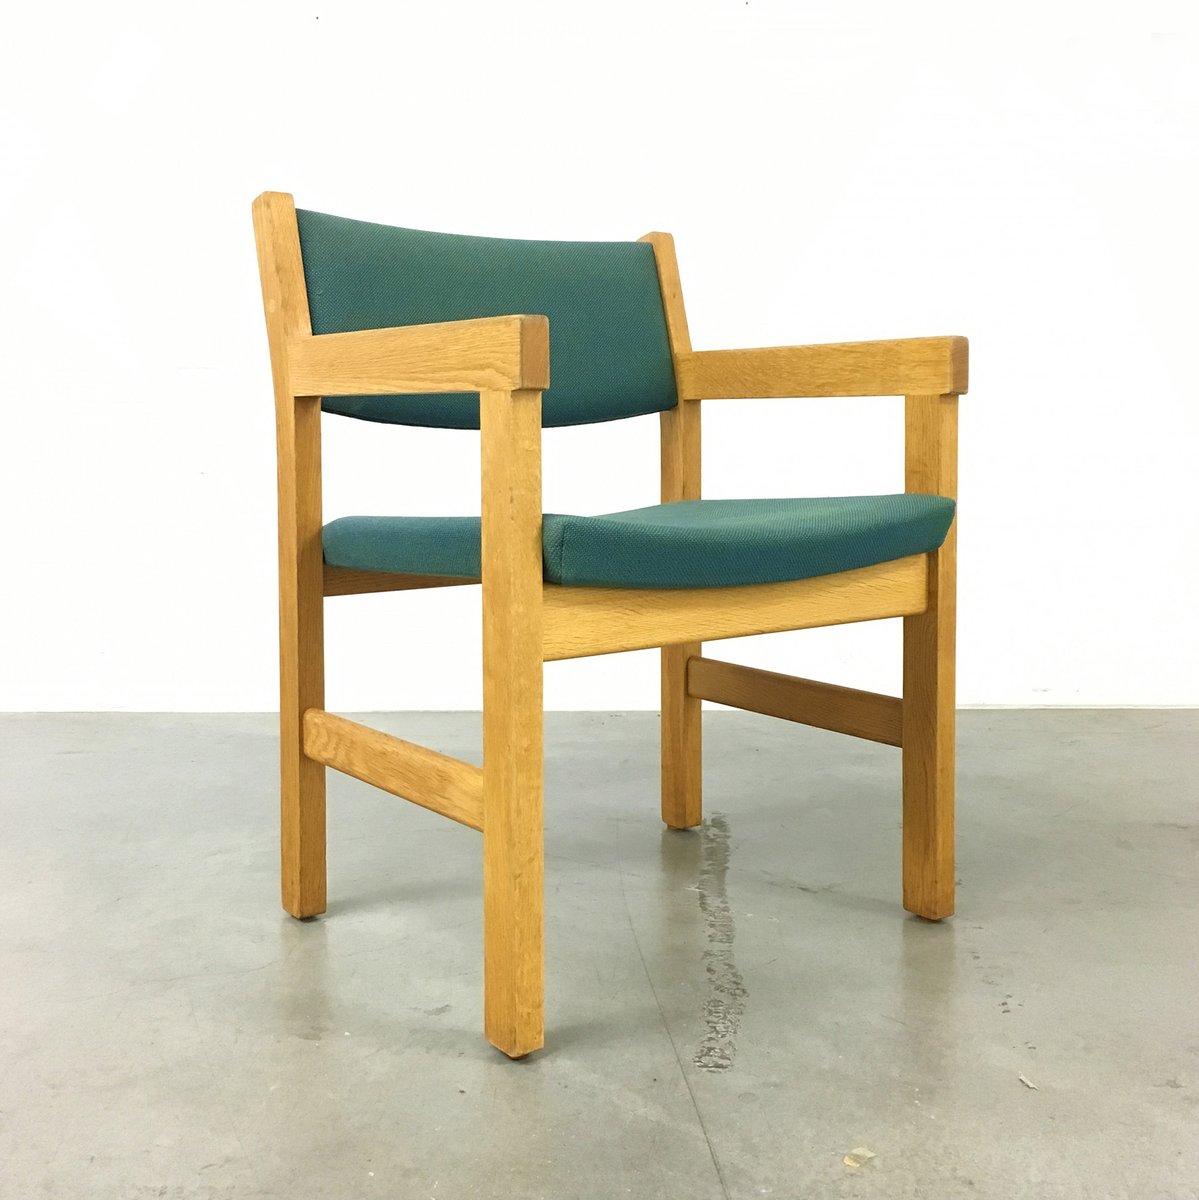 d nische armlehnensessel aus stoff und eichenholz von hans wegner f r getama 1970er 2er set. Black Bedroom Furniture Sets. Home Design Ideas